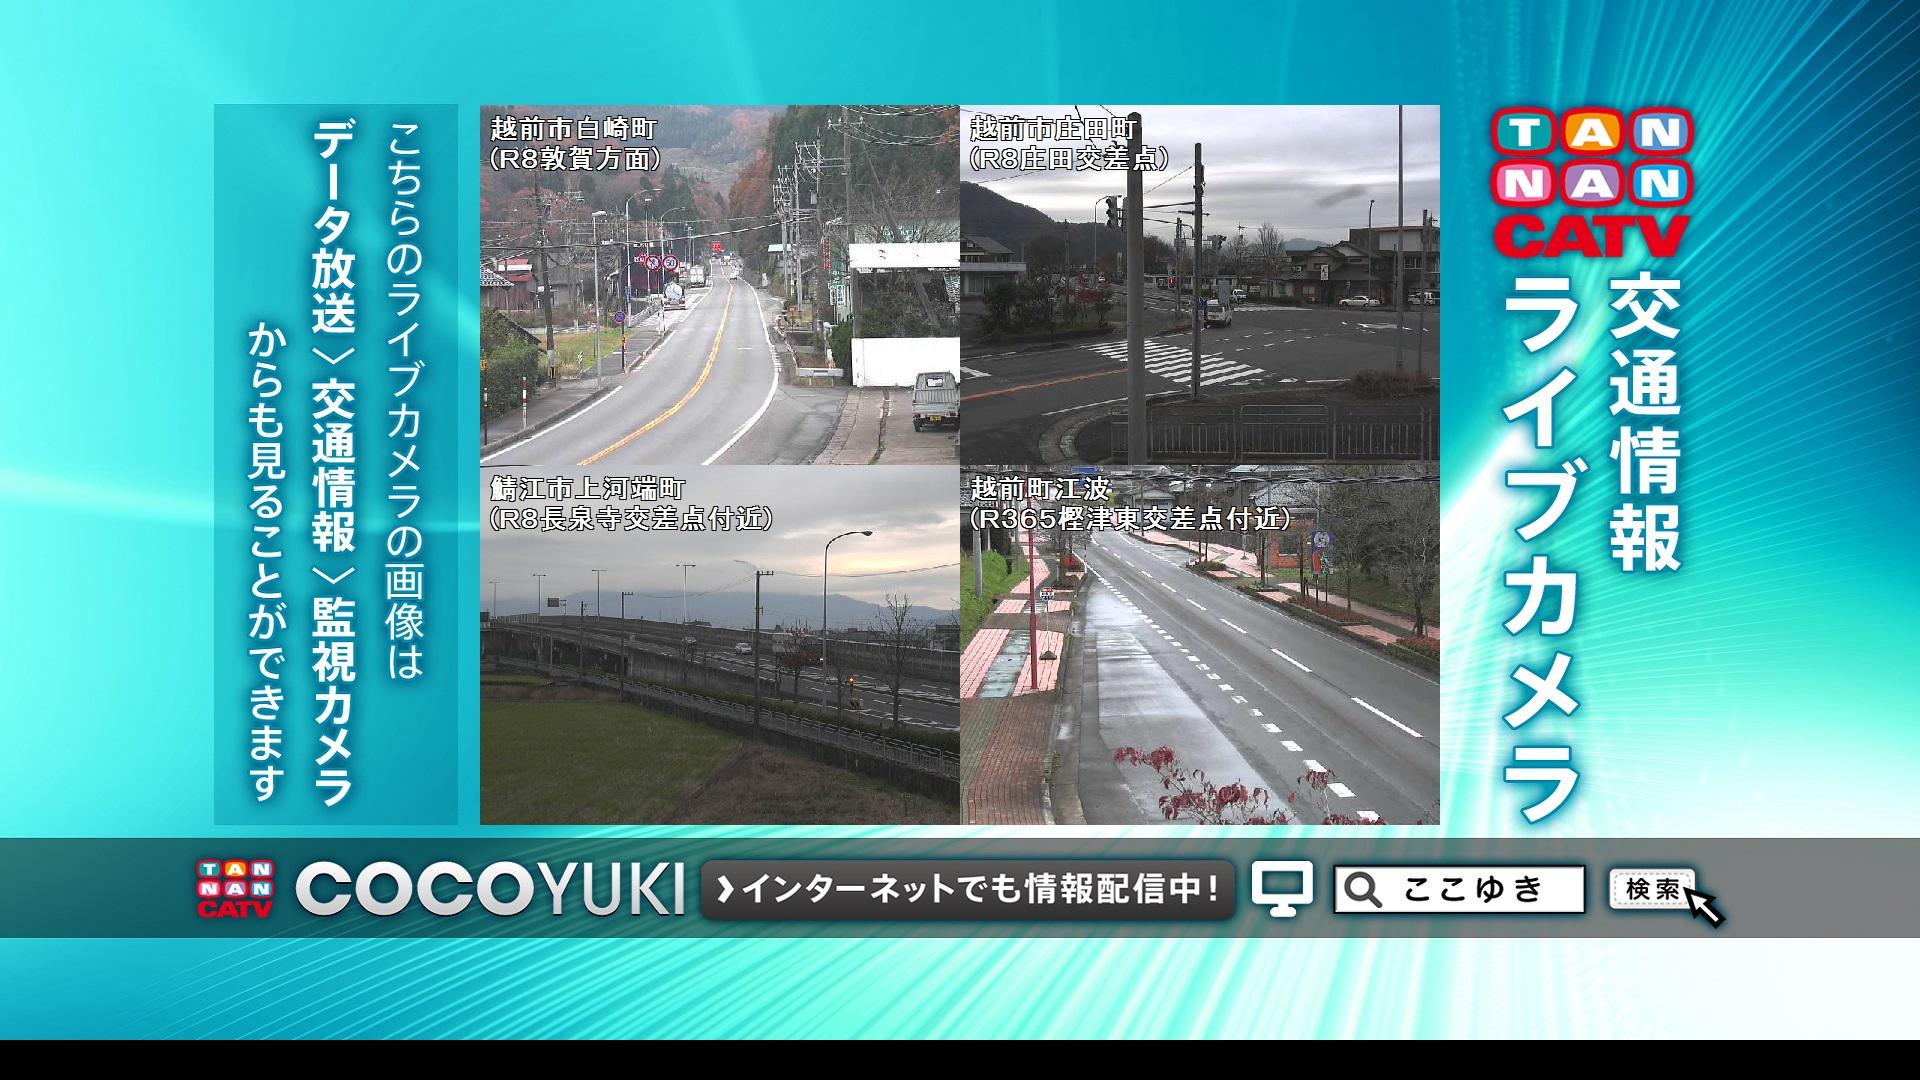 丹南ケーブルテレビ降雪期道路情報サービスを開始